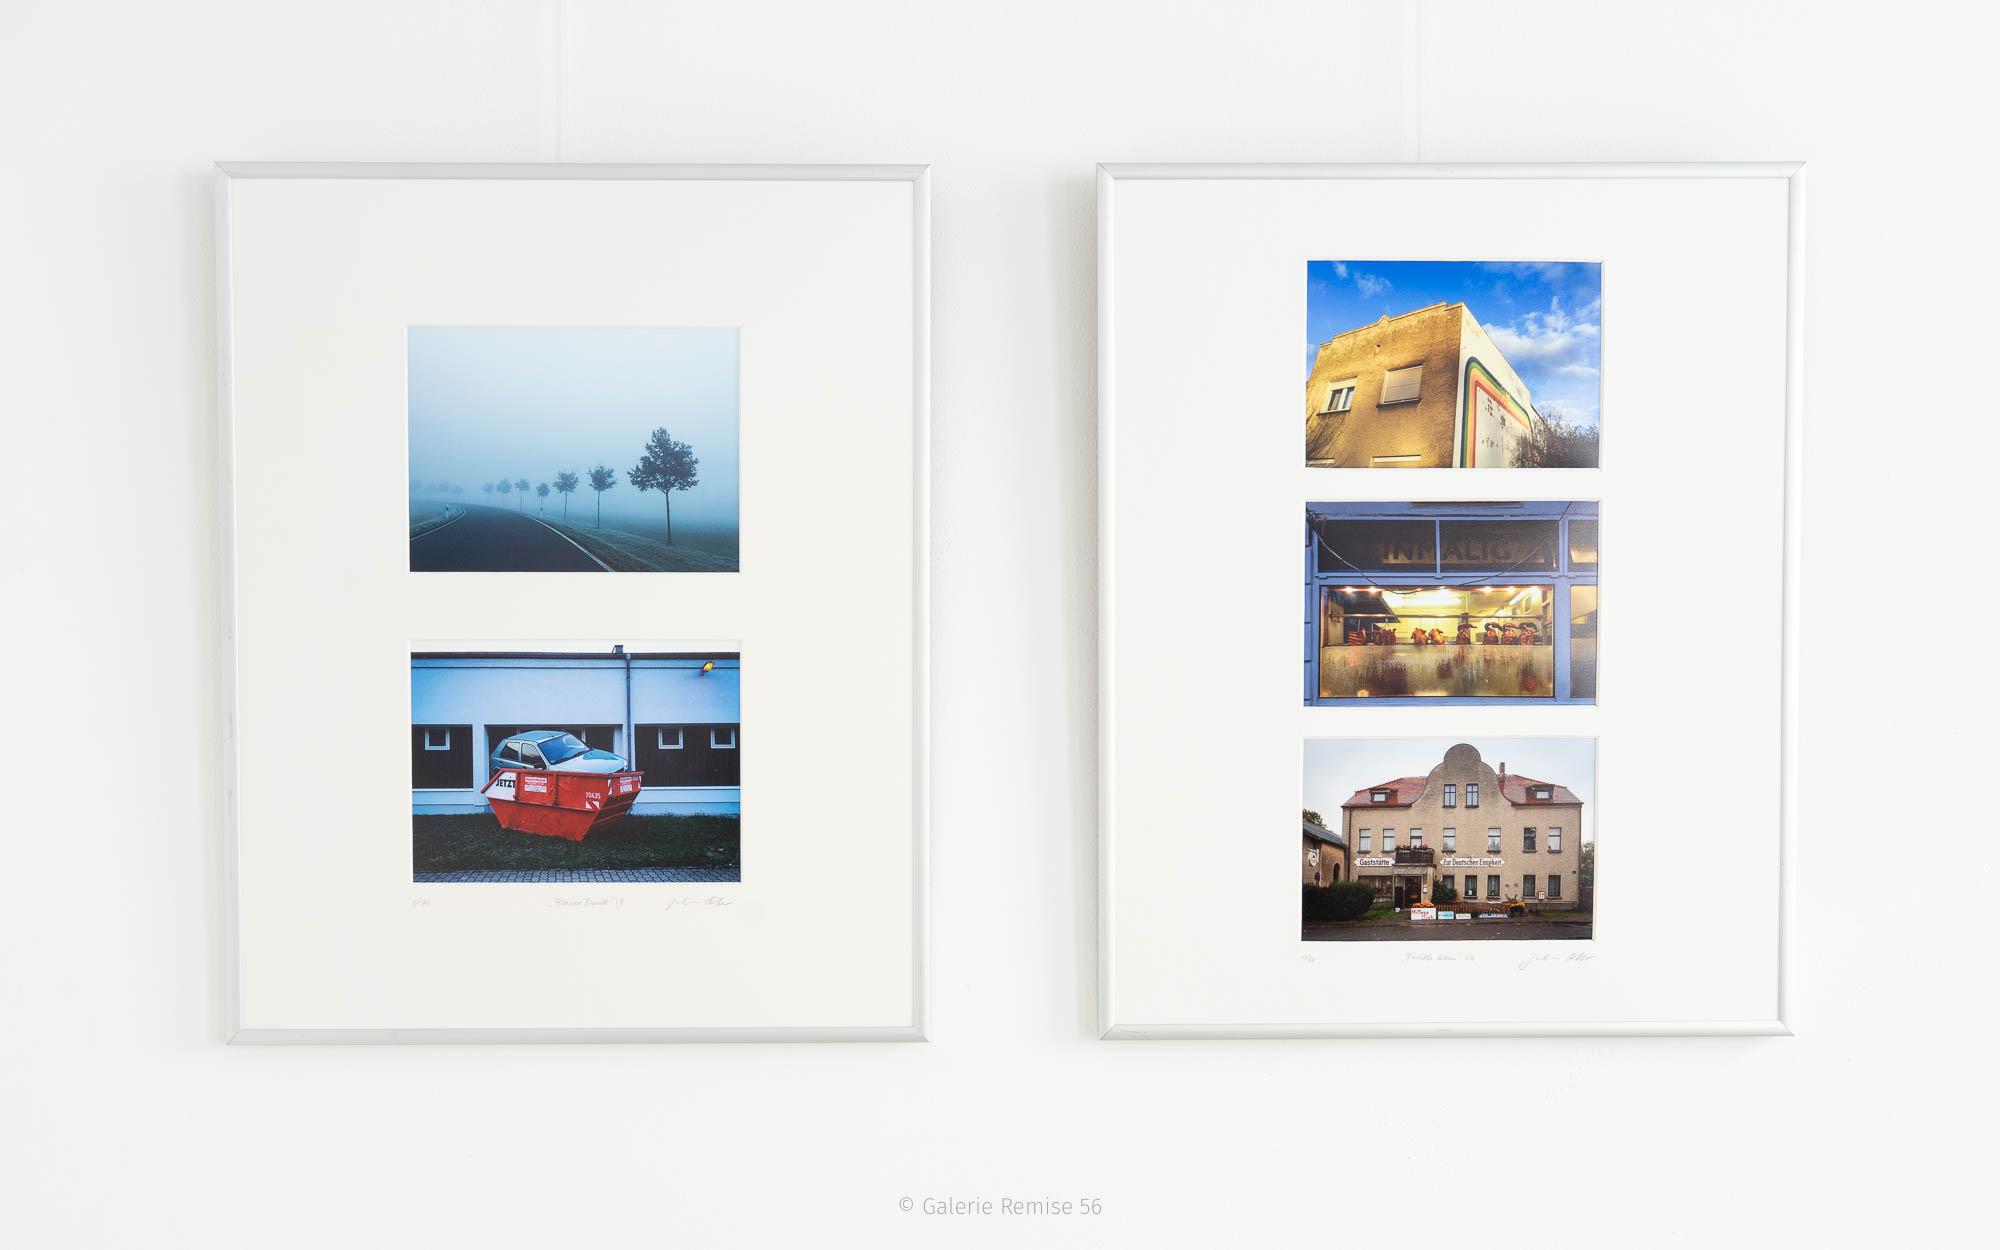 Ausstellung Bleu, Blau, Blue - Julia Otto und Sven Dreißig Strausberg